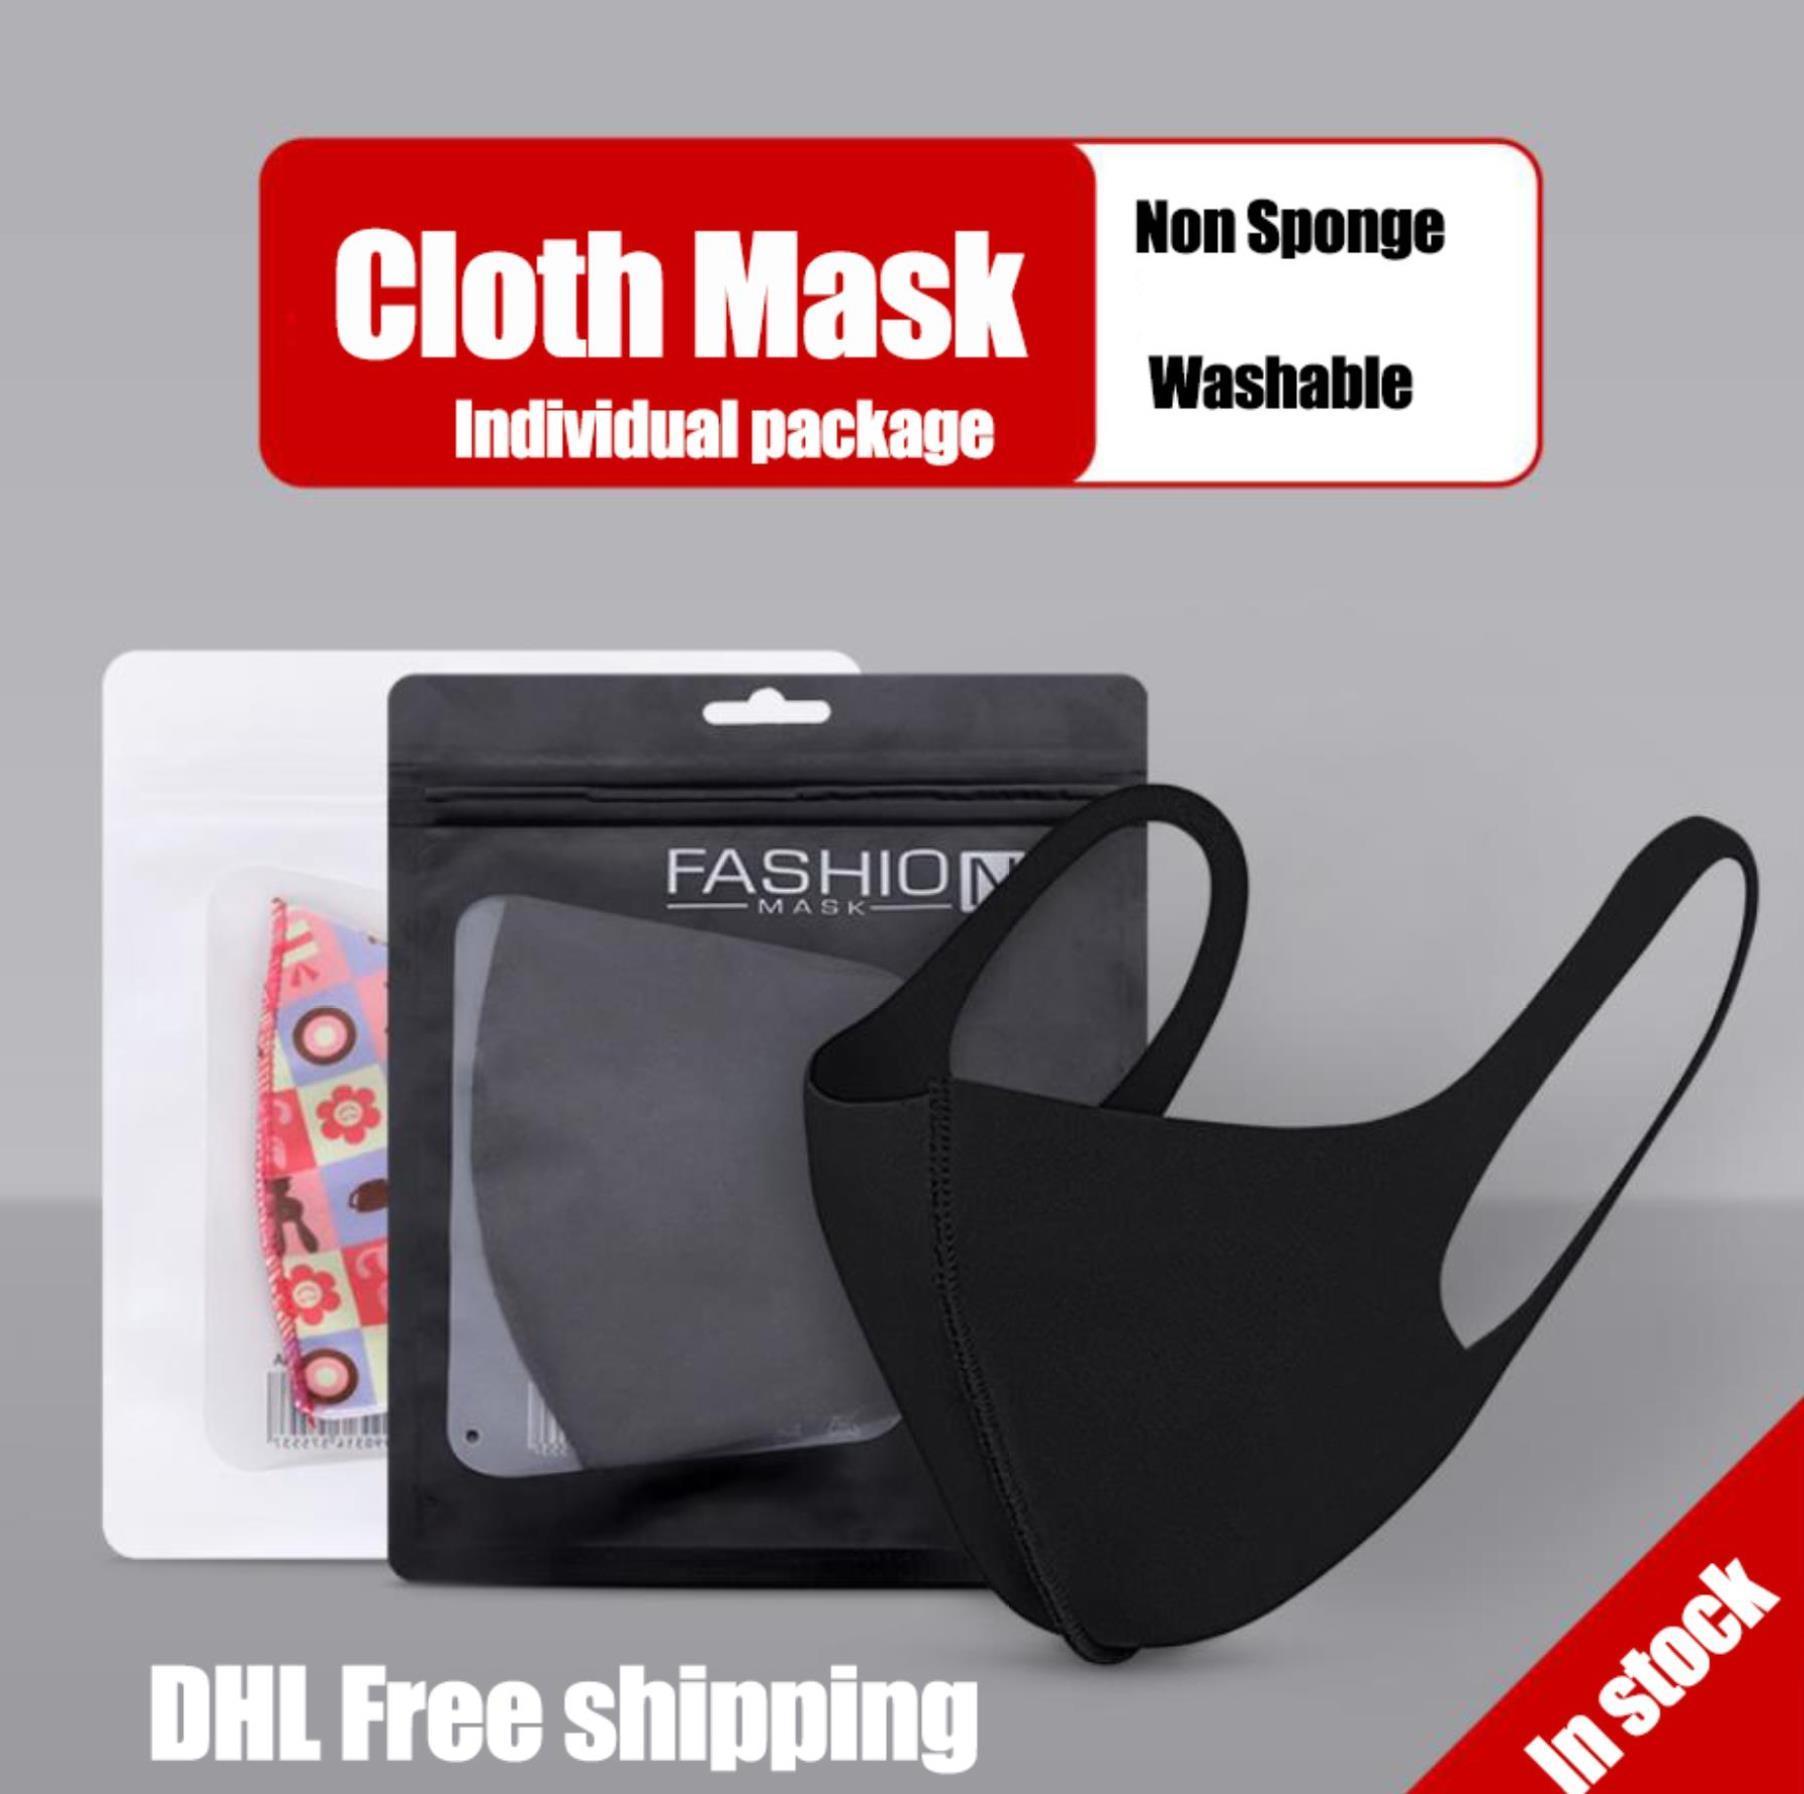 In magazzino riutilizzabile lavabile panno della maschera di protezione di trasporto libero pacchetto specifico di qualità DHL maschere monouso viso Inquinamento Protezione germe